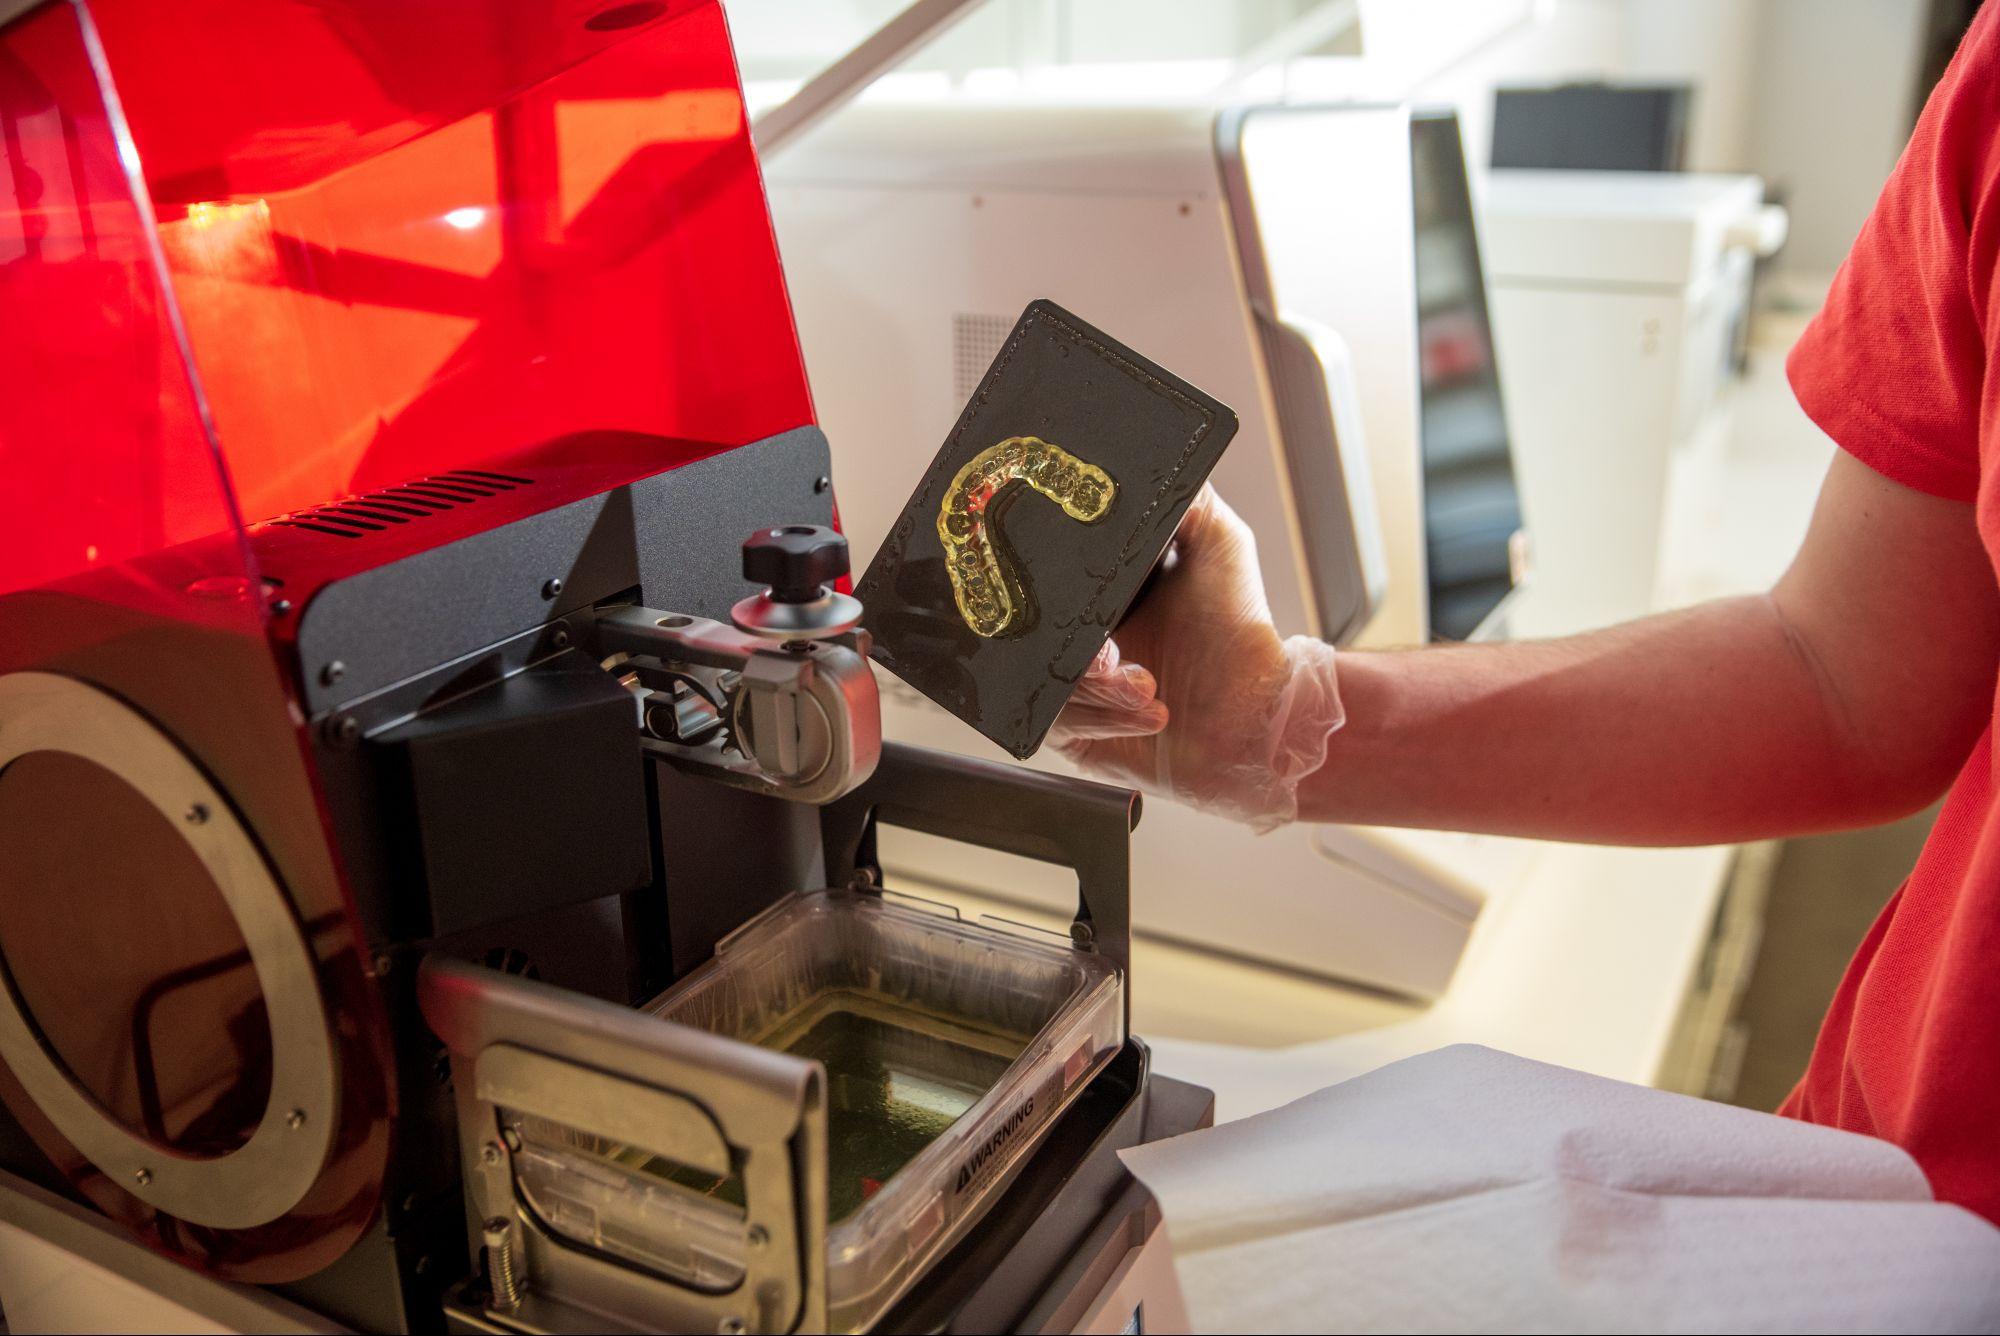 Полимерный сплинт для коррекции прикуса фрезеруется на станке и примеряется на копию зубного ряда, напечатанную на 3D-принтере